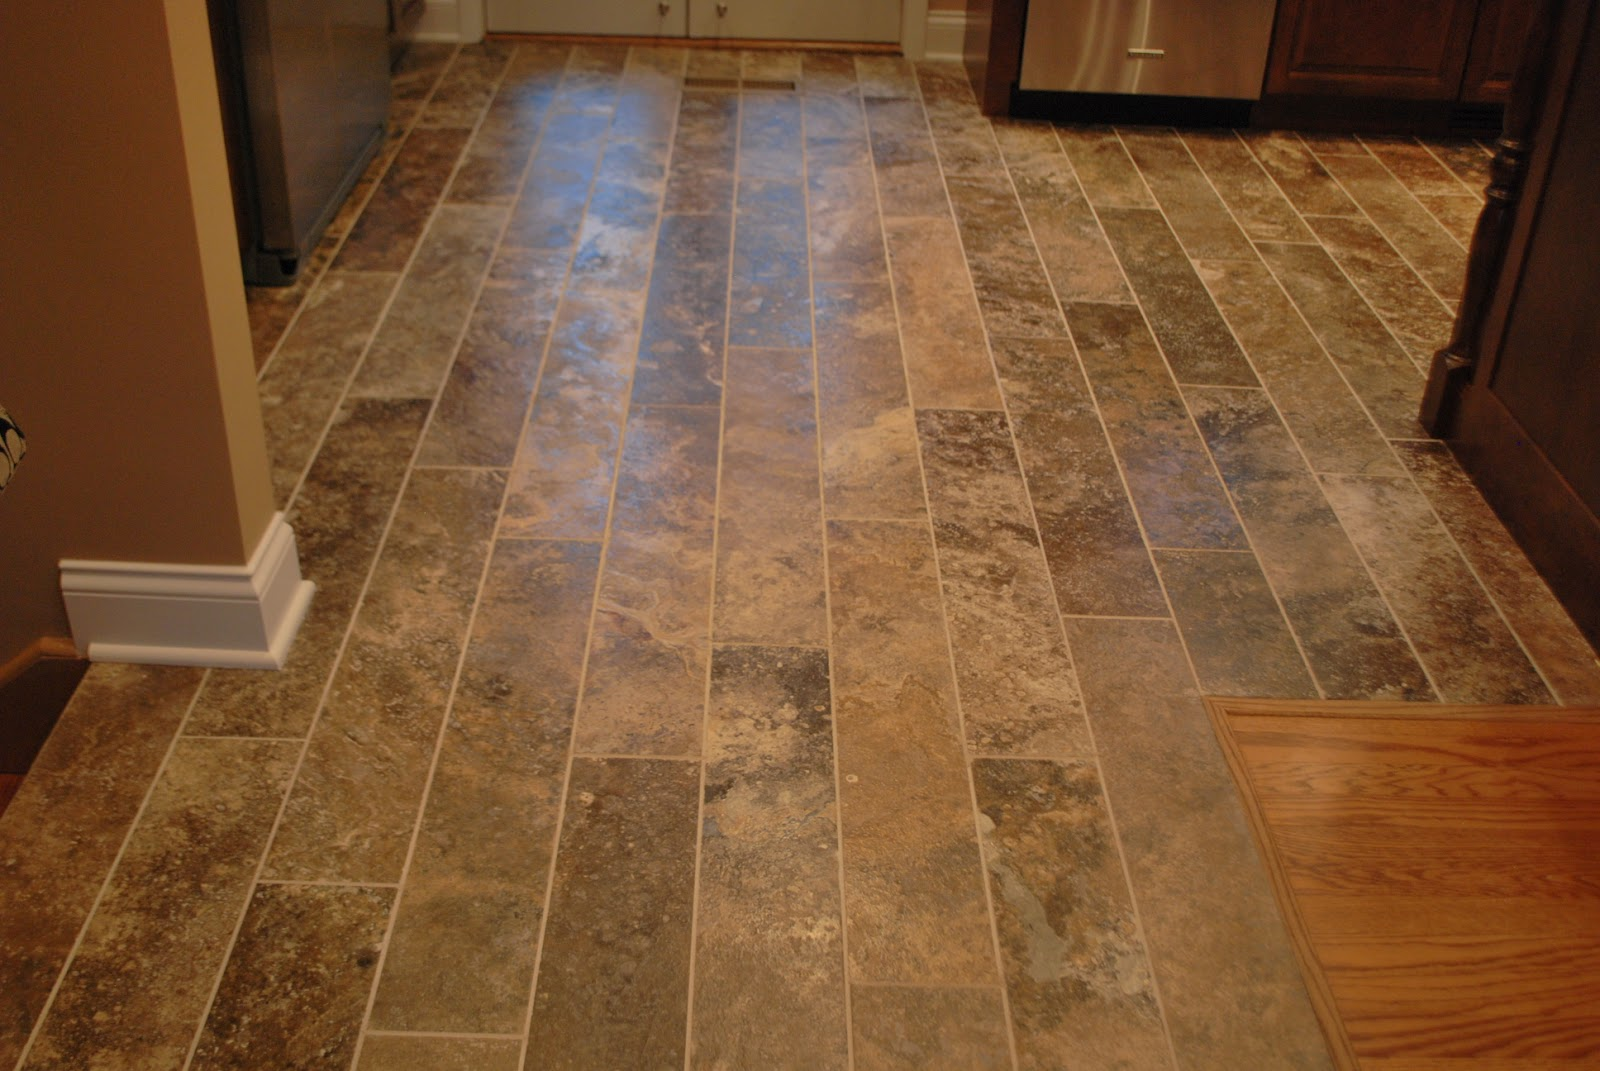 Lowe's Granite Floor Tile